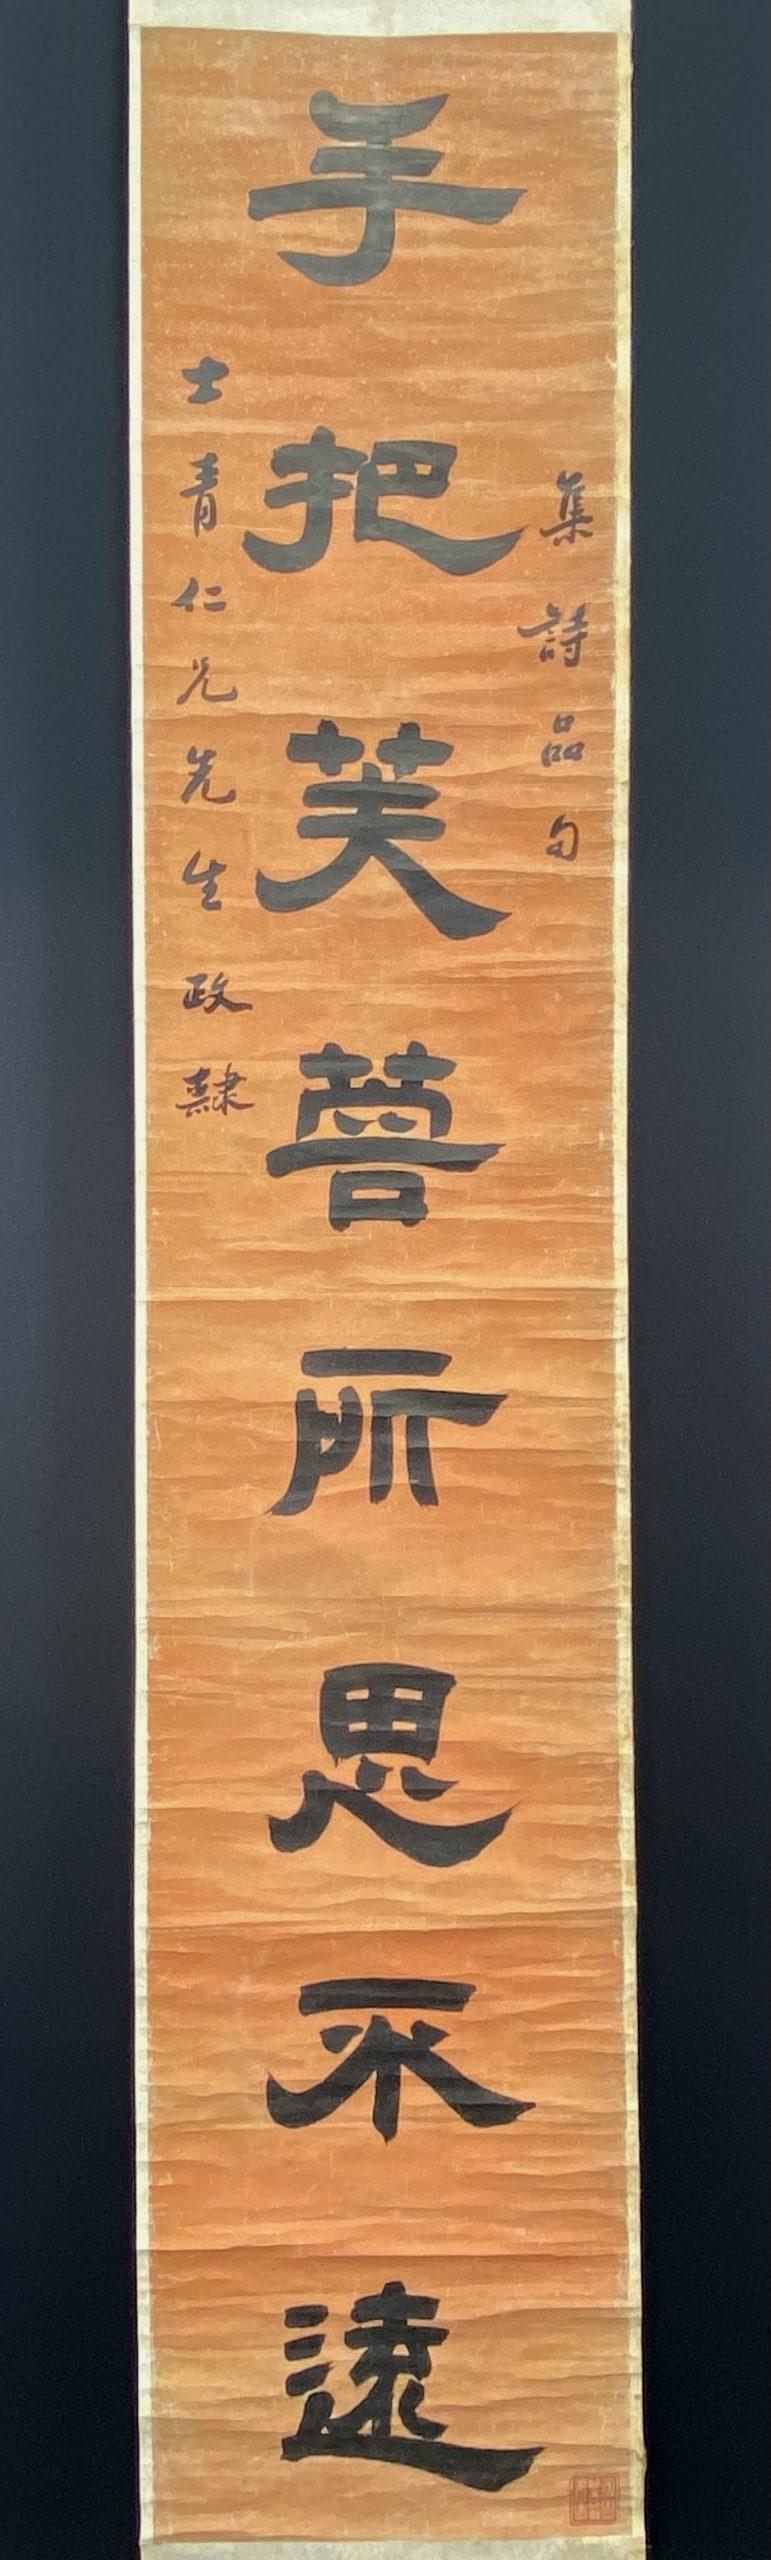 30633「鄧伝蜜」隷書 八言 聯157.5×30.5cm